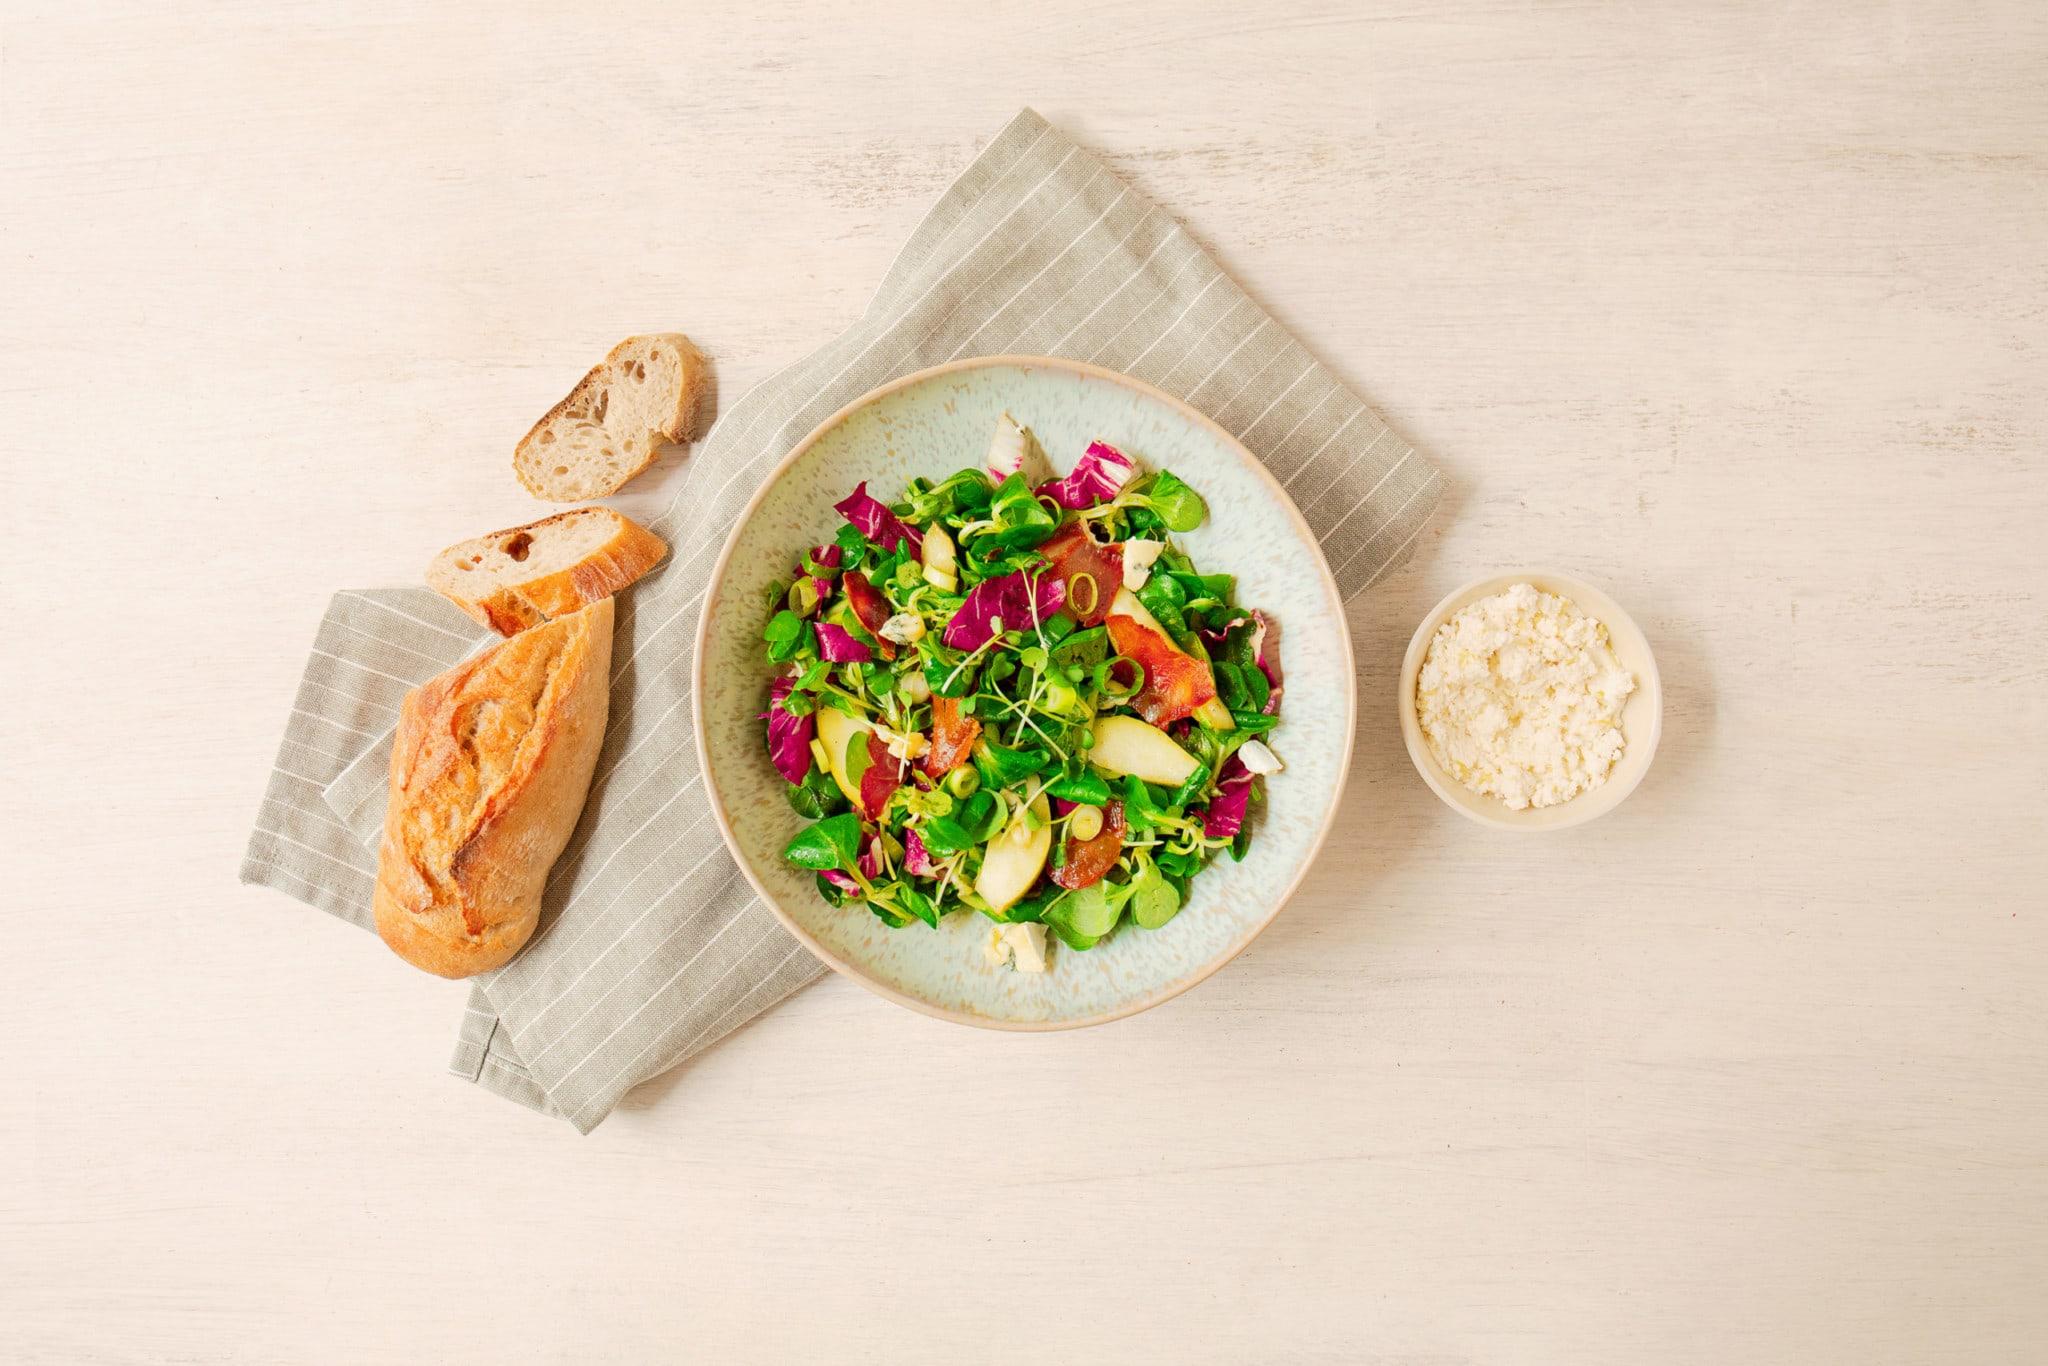 Das fertige Gericht – Feldsalat mit Birne und Zitronenricotta